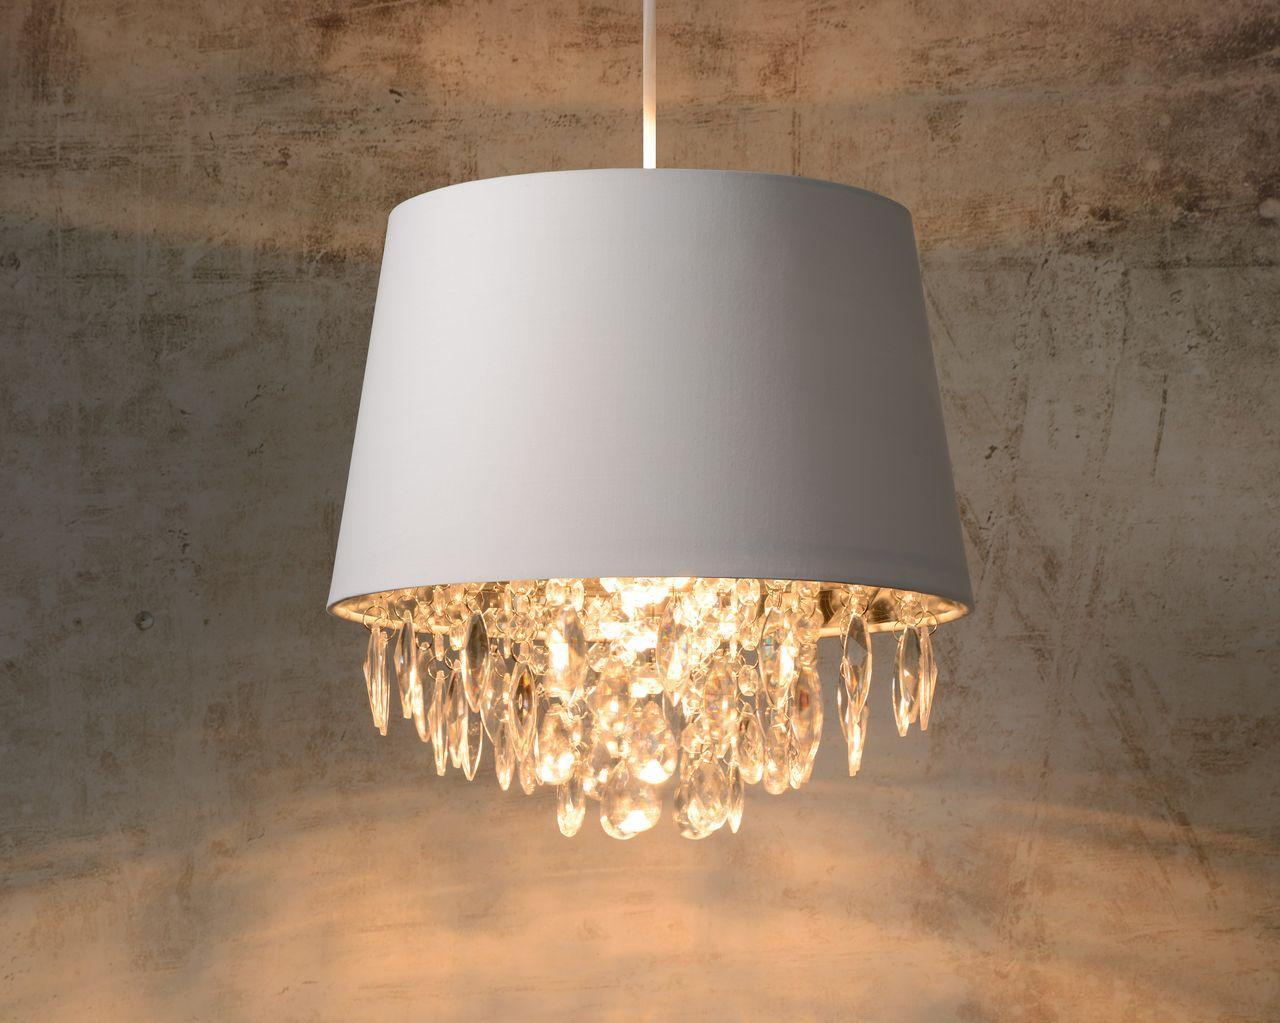 Подвесной светильник Lucide Dolti 78368/30/31 lucide подвесной светильник lucide dolti 78368 45 30